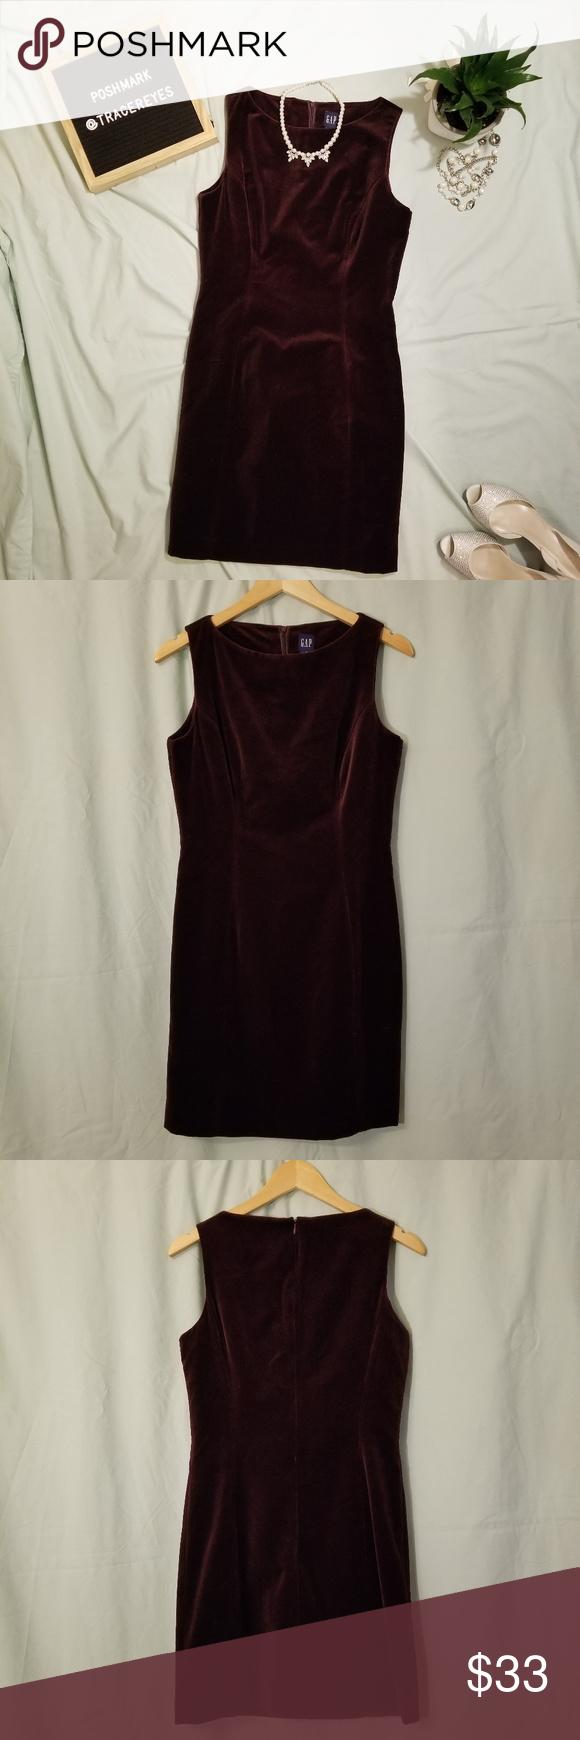 GAP Velvet Mini Dress Ärmelloses Samtkleid von NWT GAP. Wunderschöner Brombeerwein …   – My Posh Picks